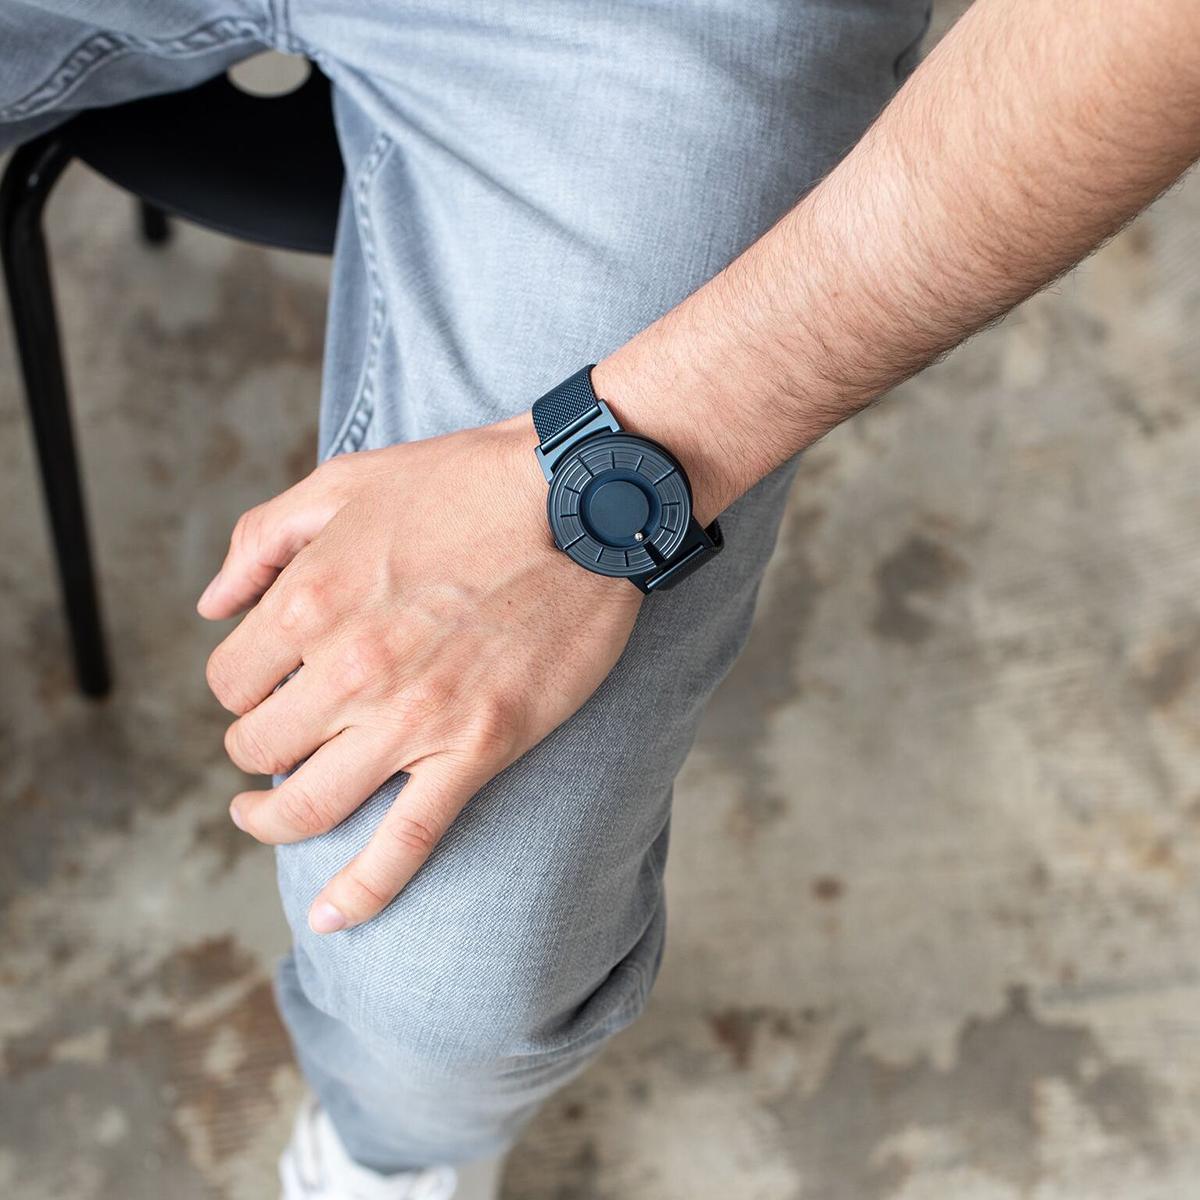 目視で時間を確かめにくい状況でも、手でそっと触るだけで時間を確認できる「触る時計」| EONE(COSMOS)